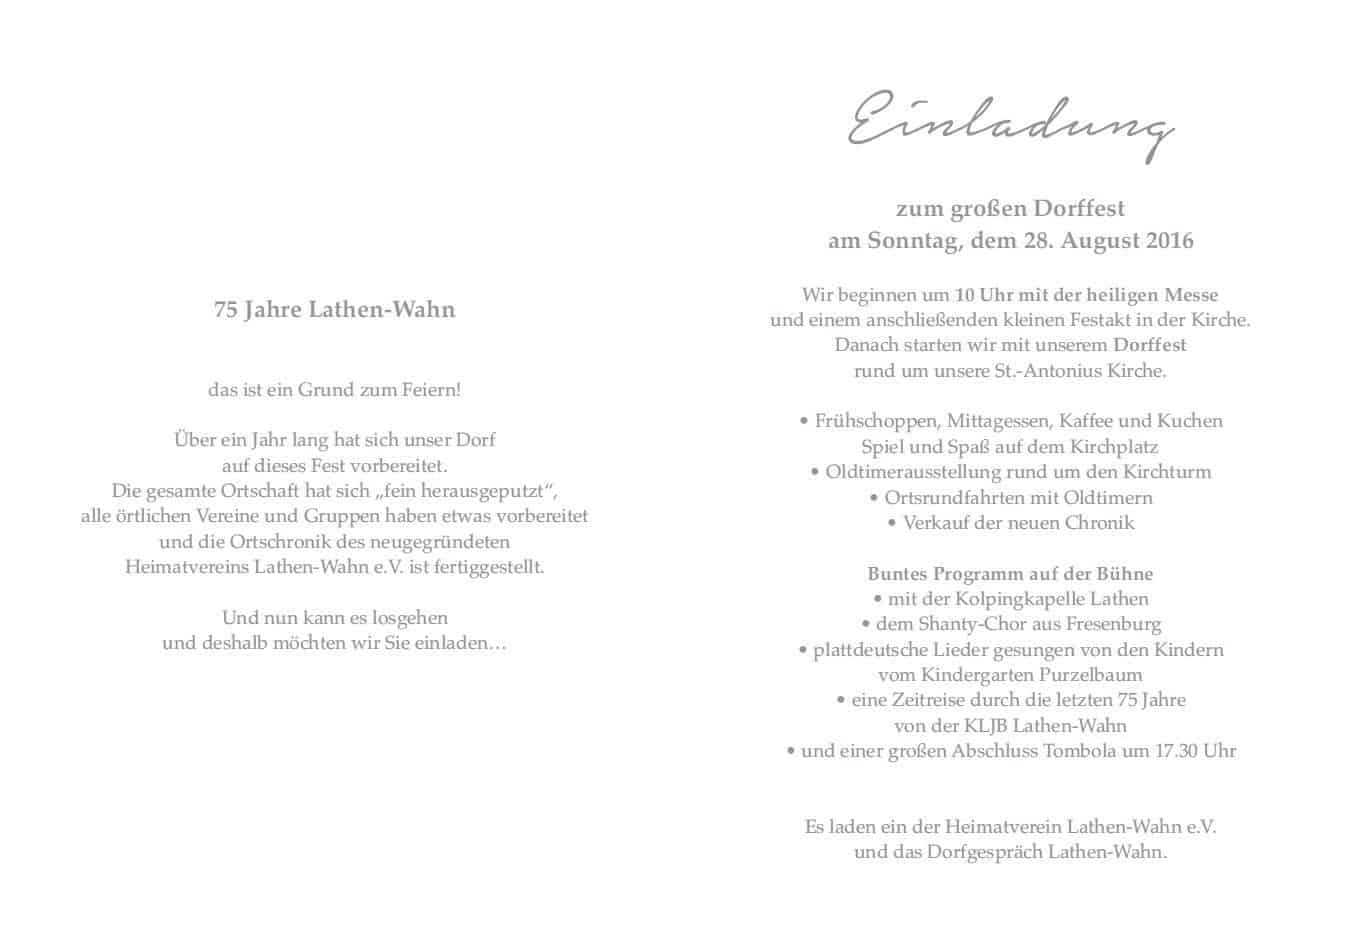 einladung zur 75-jahr-feier - lathen-wahn.de, Einladung